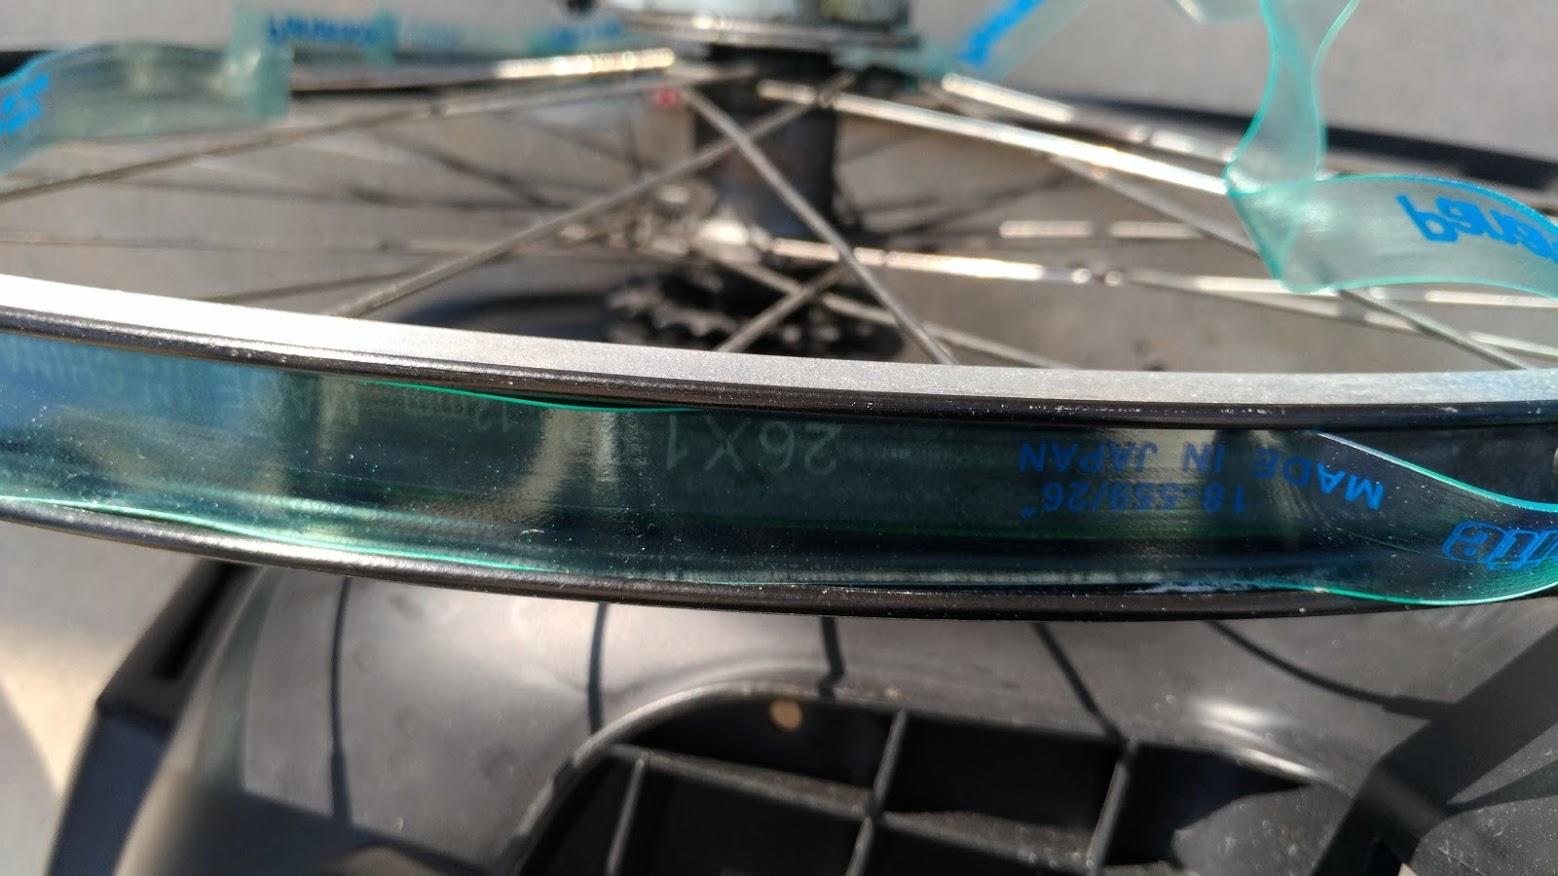 ブリヂストン hydee2 子供電動自転車 パンク タイヤ交換 -9-